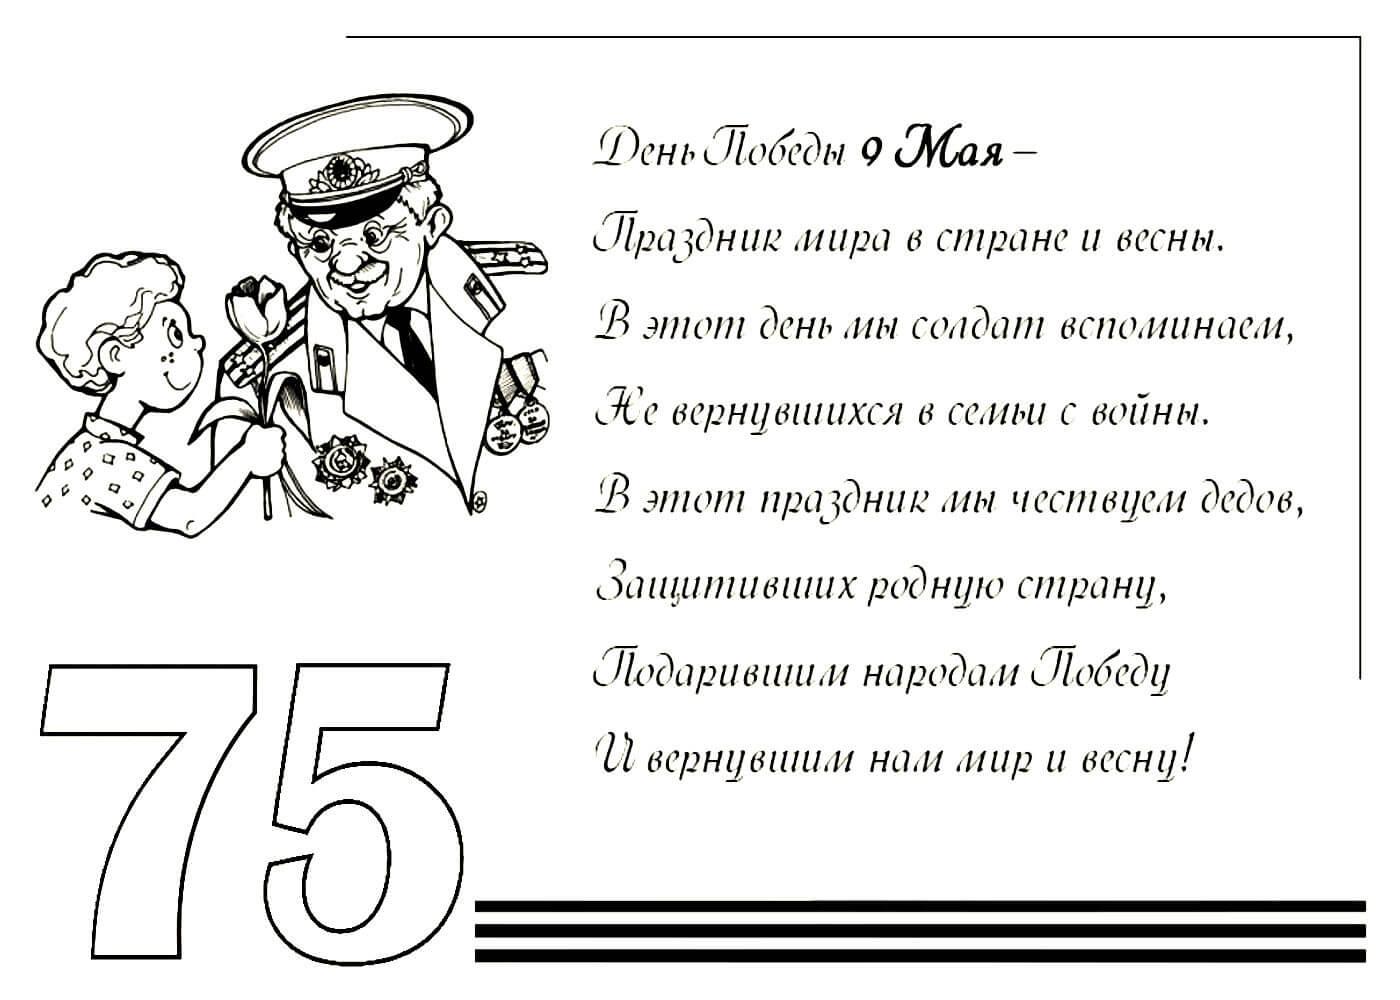 Раскраски на день победы 9 мая для школьников распечатать